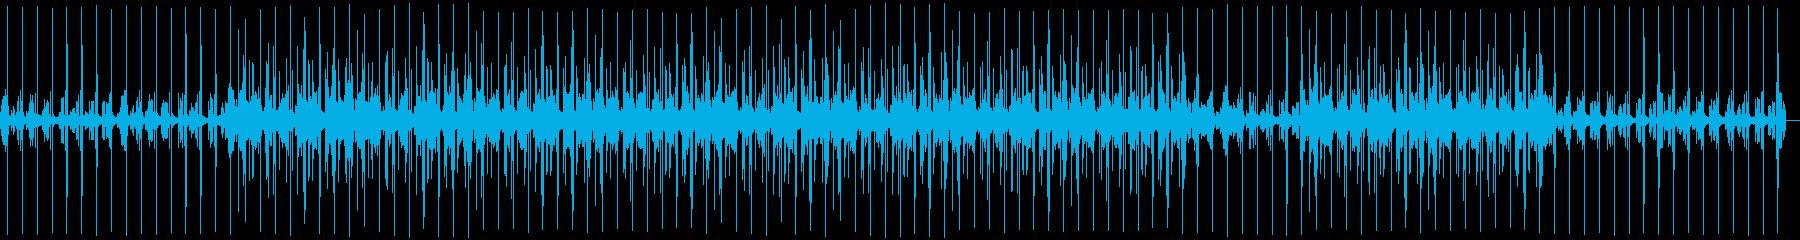 一途な恋心を歌う お洒落なR&Bバラードの再生済みの波形